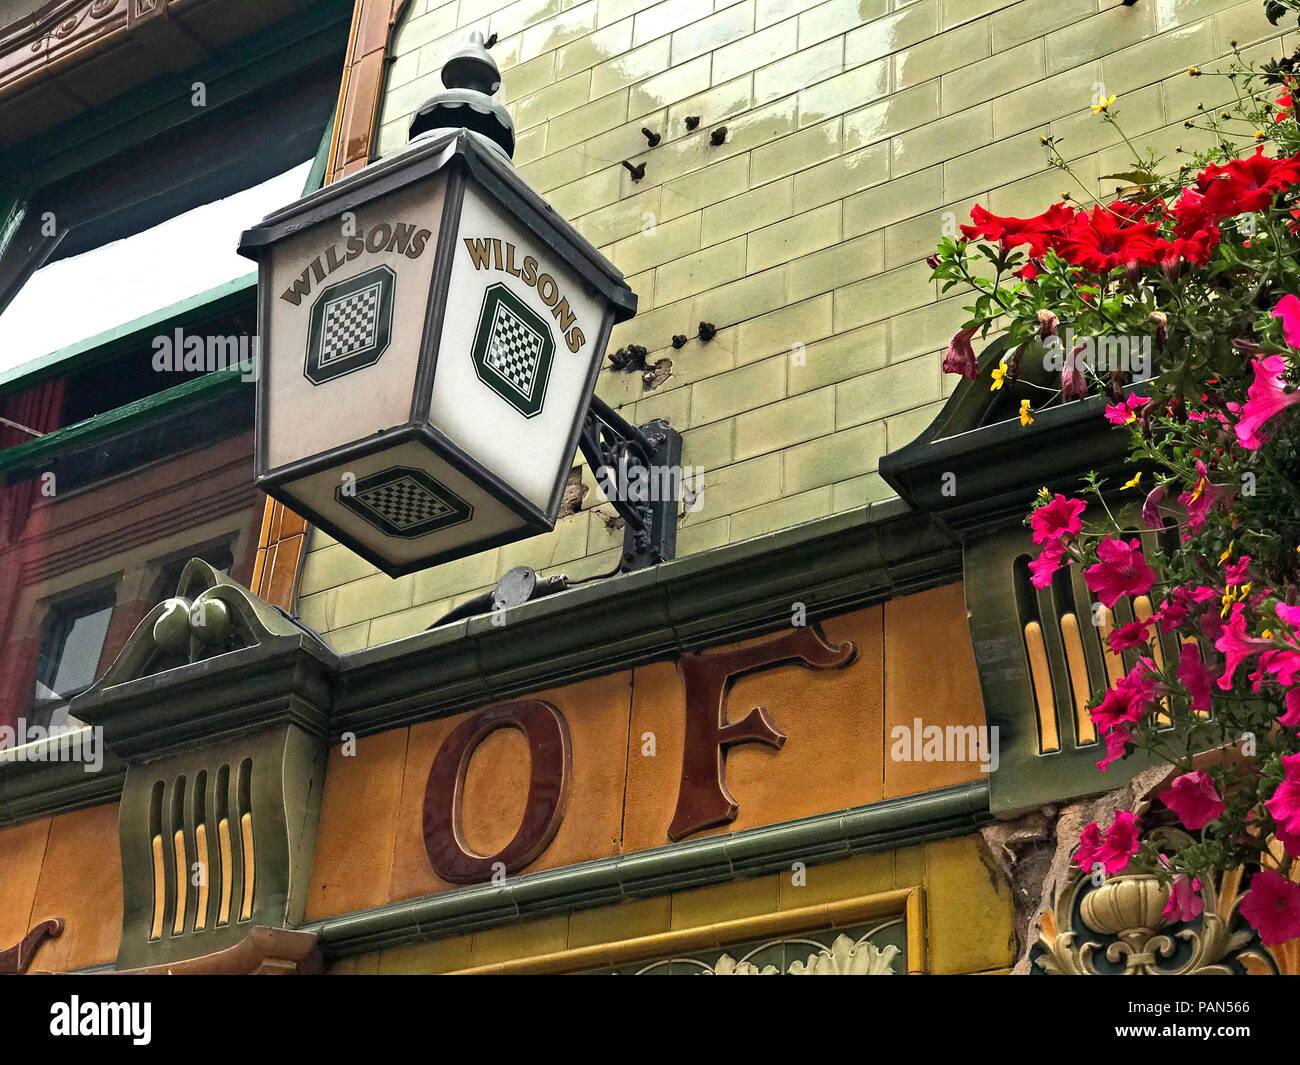 Laden Sie dieses Alamy Stockfoto Wilsons Brauerei Lampe, Peveril des Peak Pub, Great Bridgewater Street, Manchester, North West England, Großbritannien - PAN566